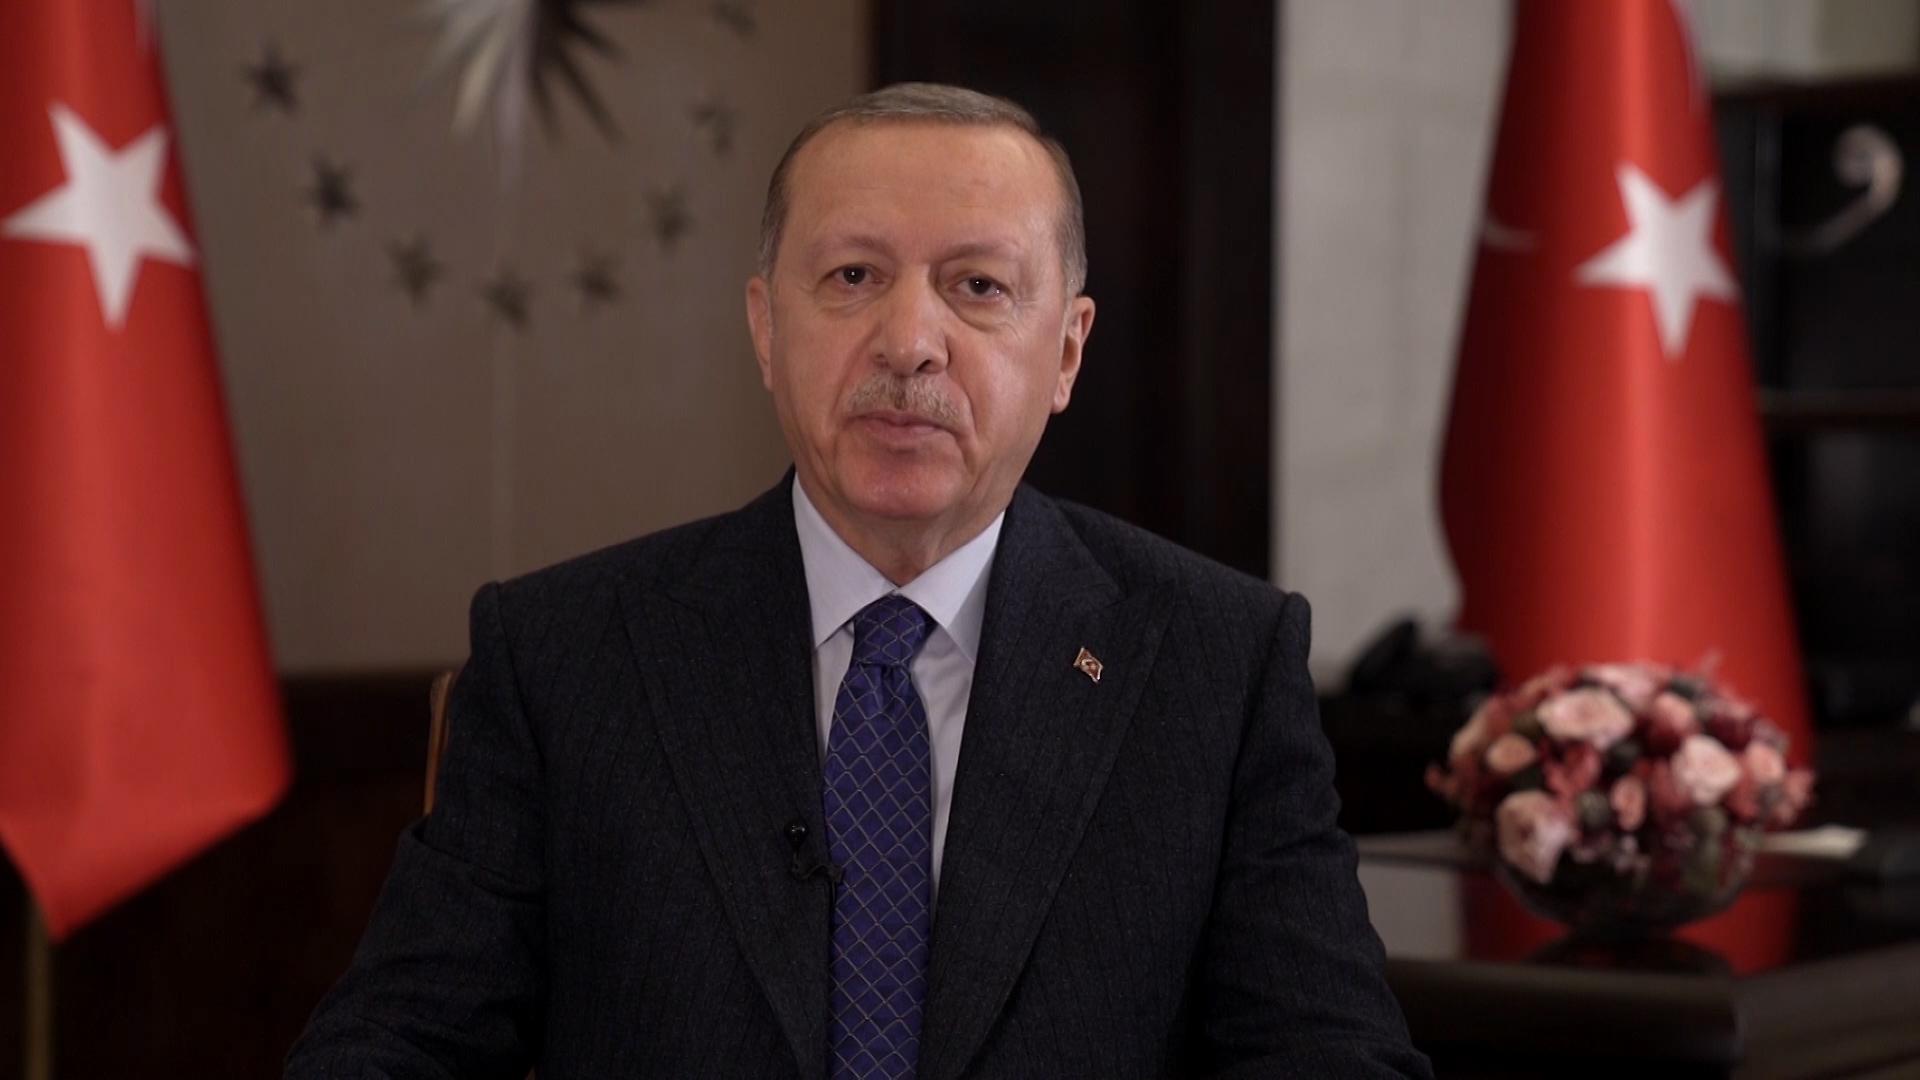 Son dakika   Cumhurbaşkanı Erdoğan'dan önemli açıklamalar! ABD ile ilişkileri değerlendirdi! Ek salgın tedbirleri gelecek mi